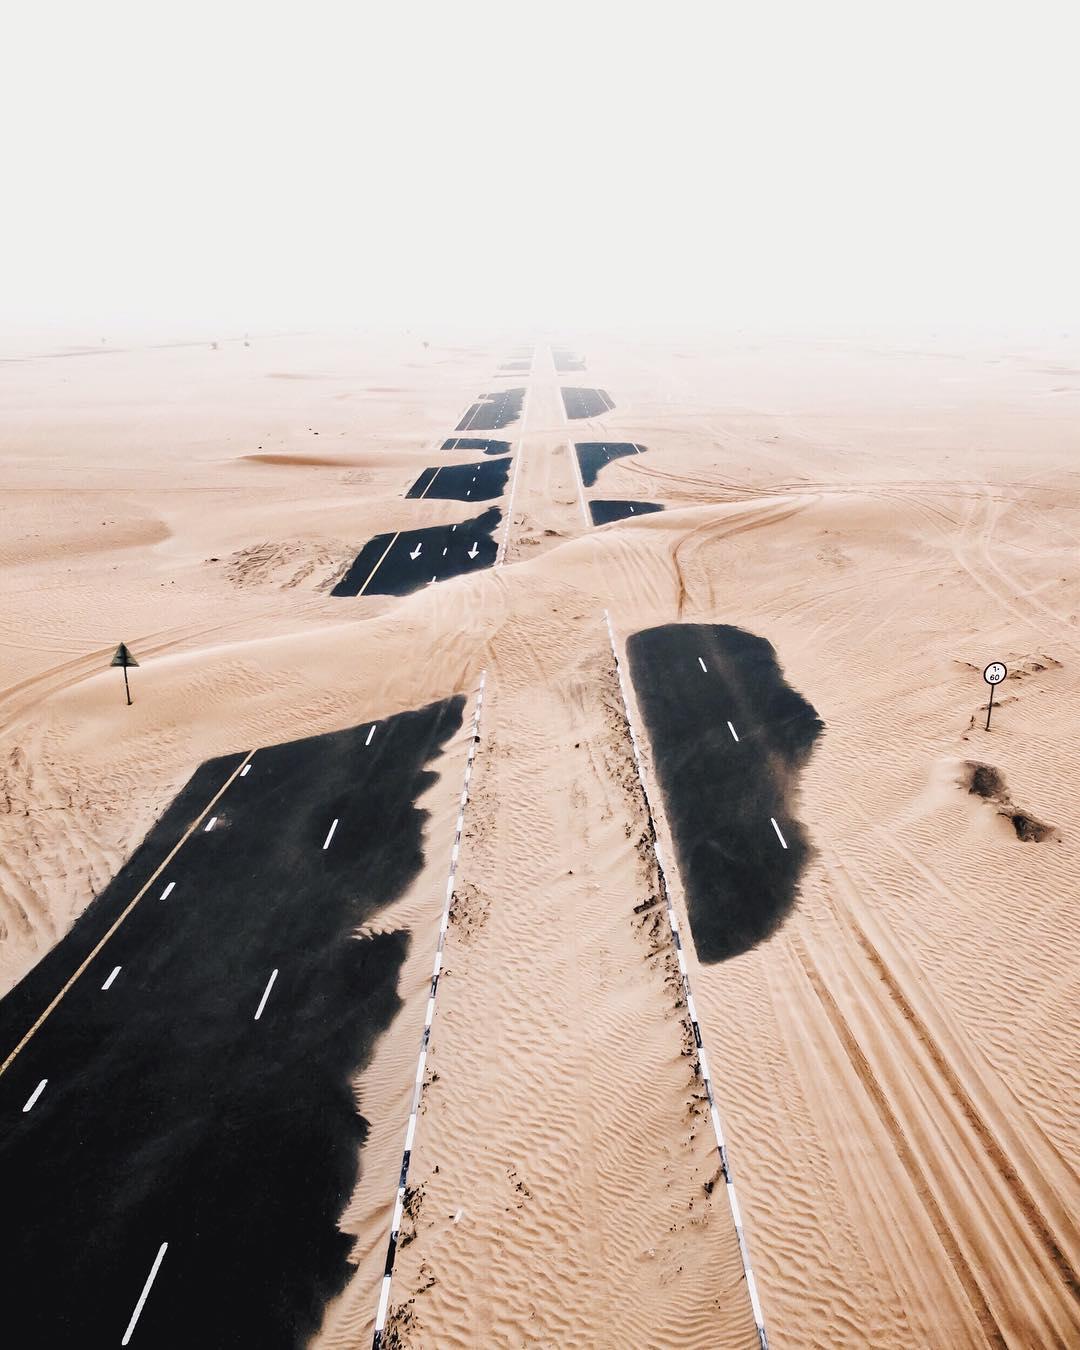 Irenaeus_Herok_Sandswept_Dubai_Highways_Moto-Mucci (7).jpg